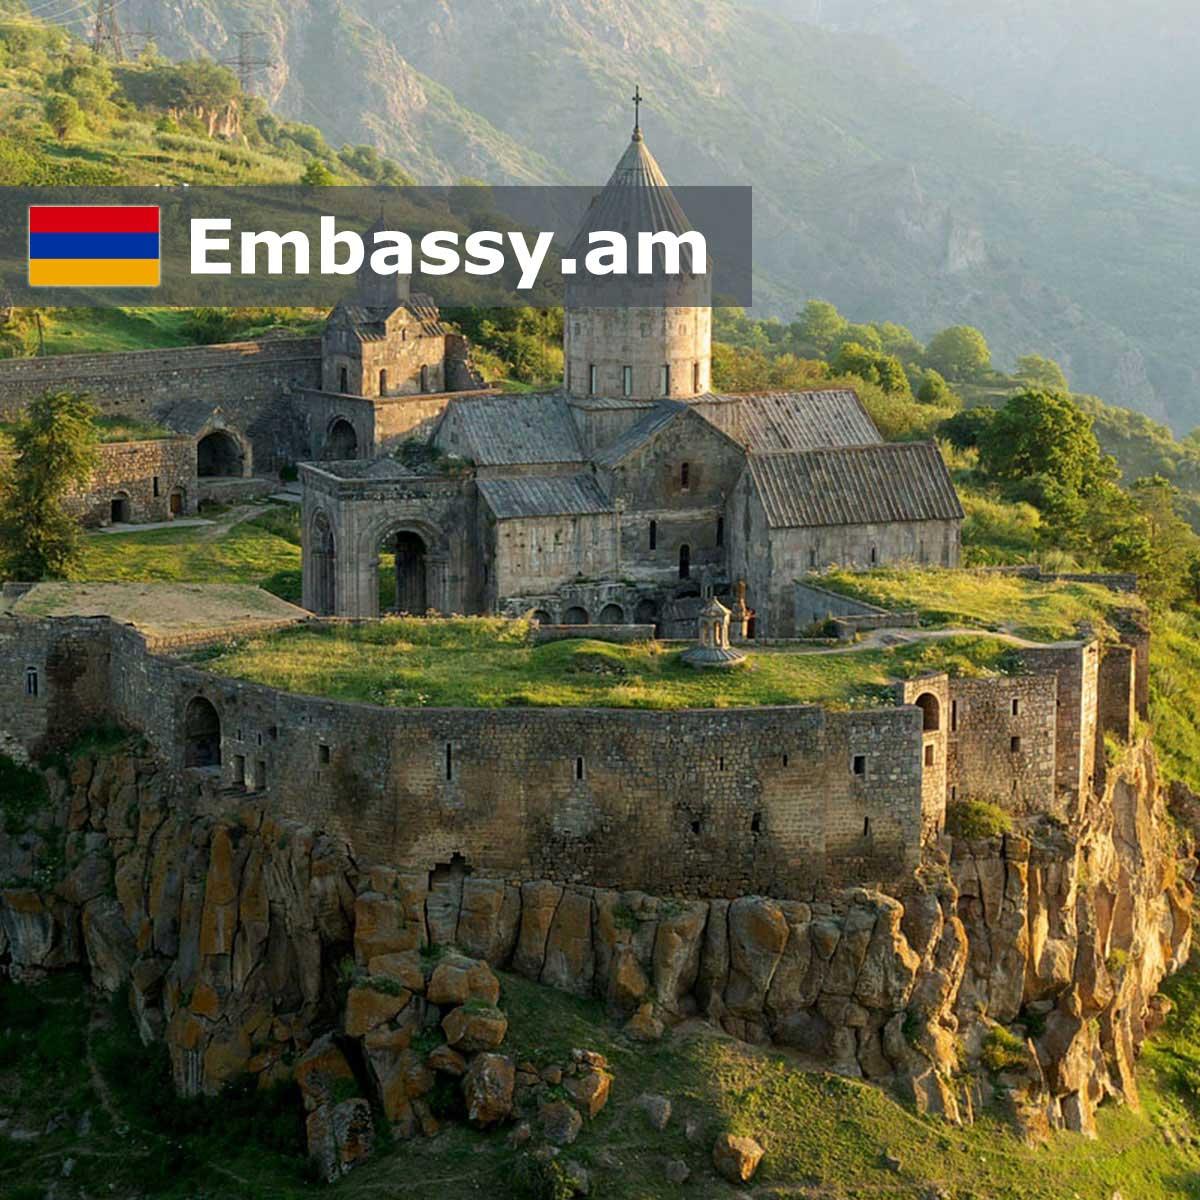 Татевский монастырь - Отели в Армении - Embassy.am